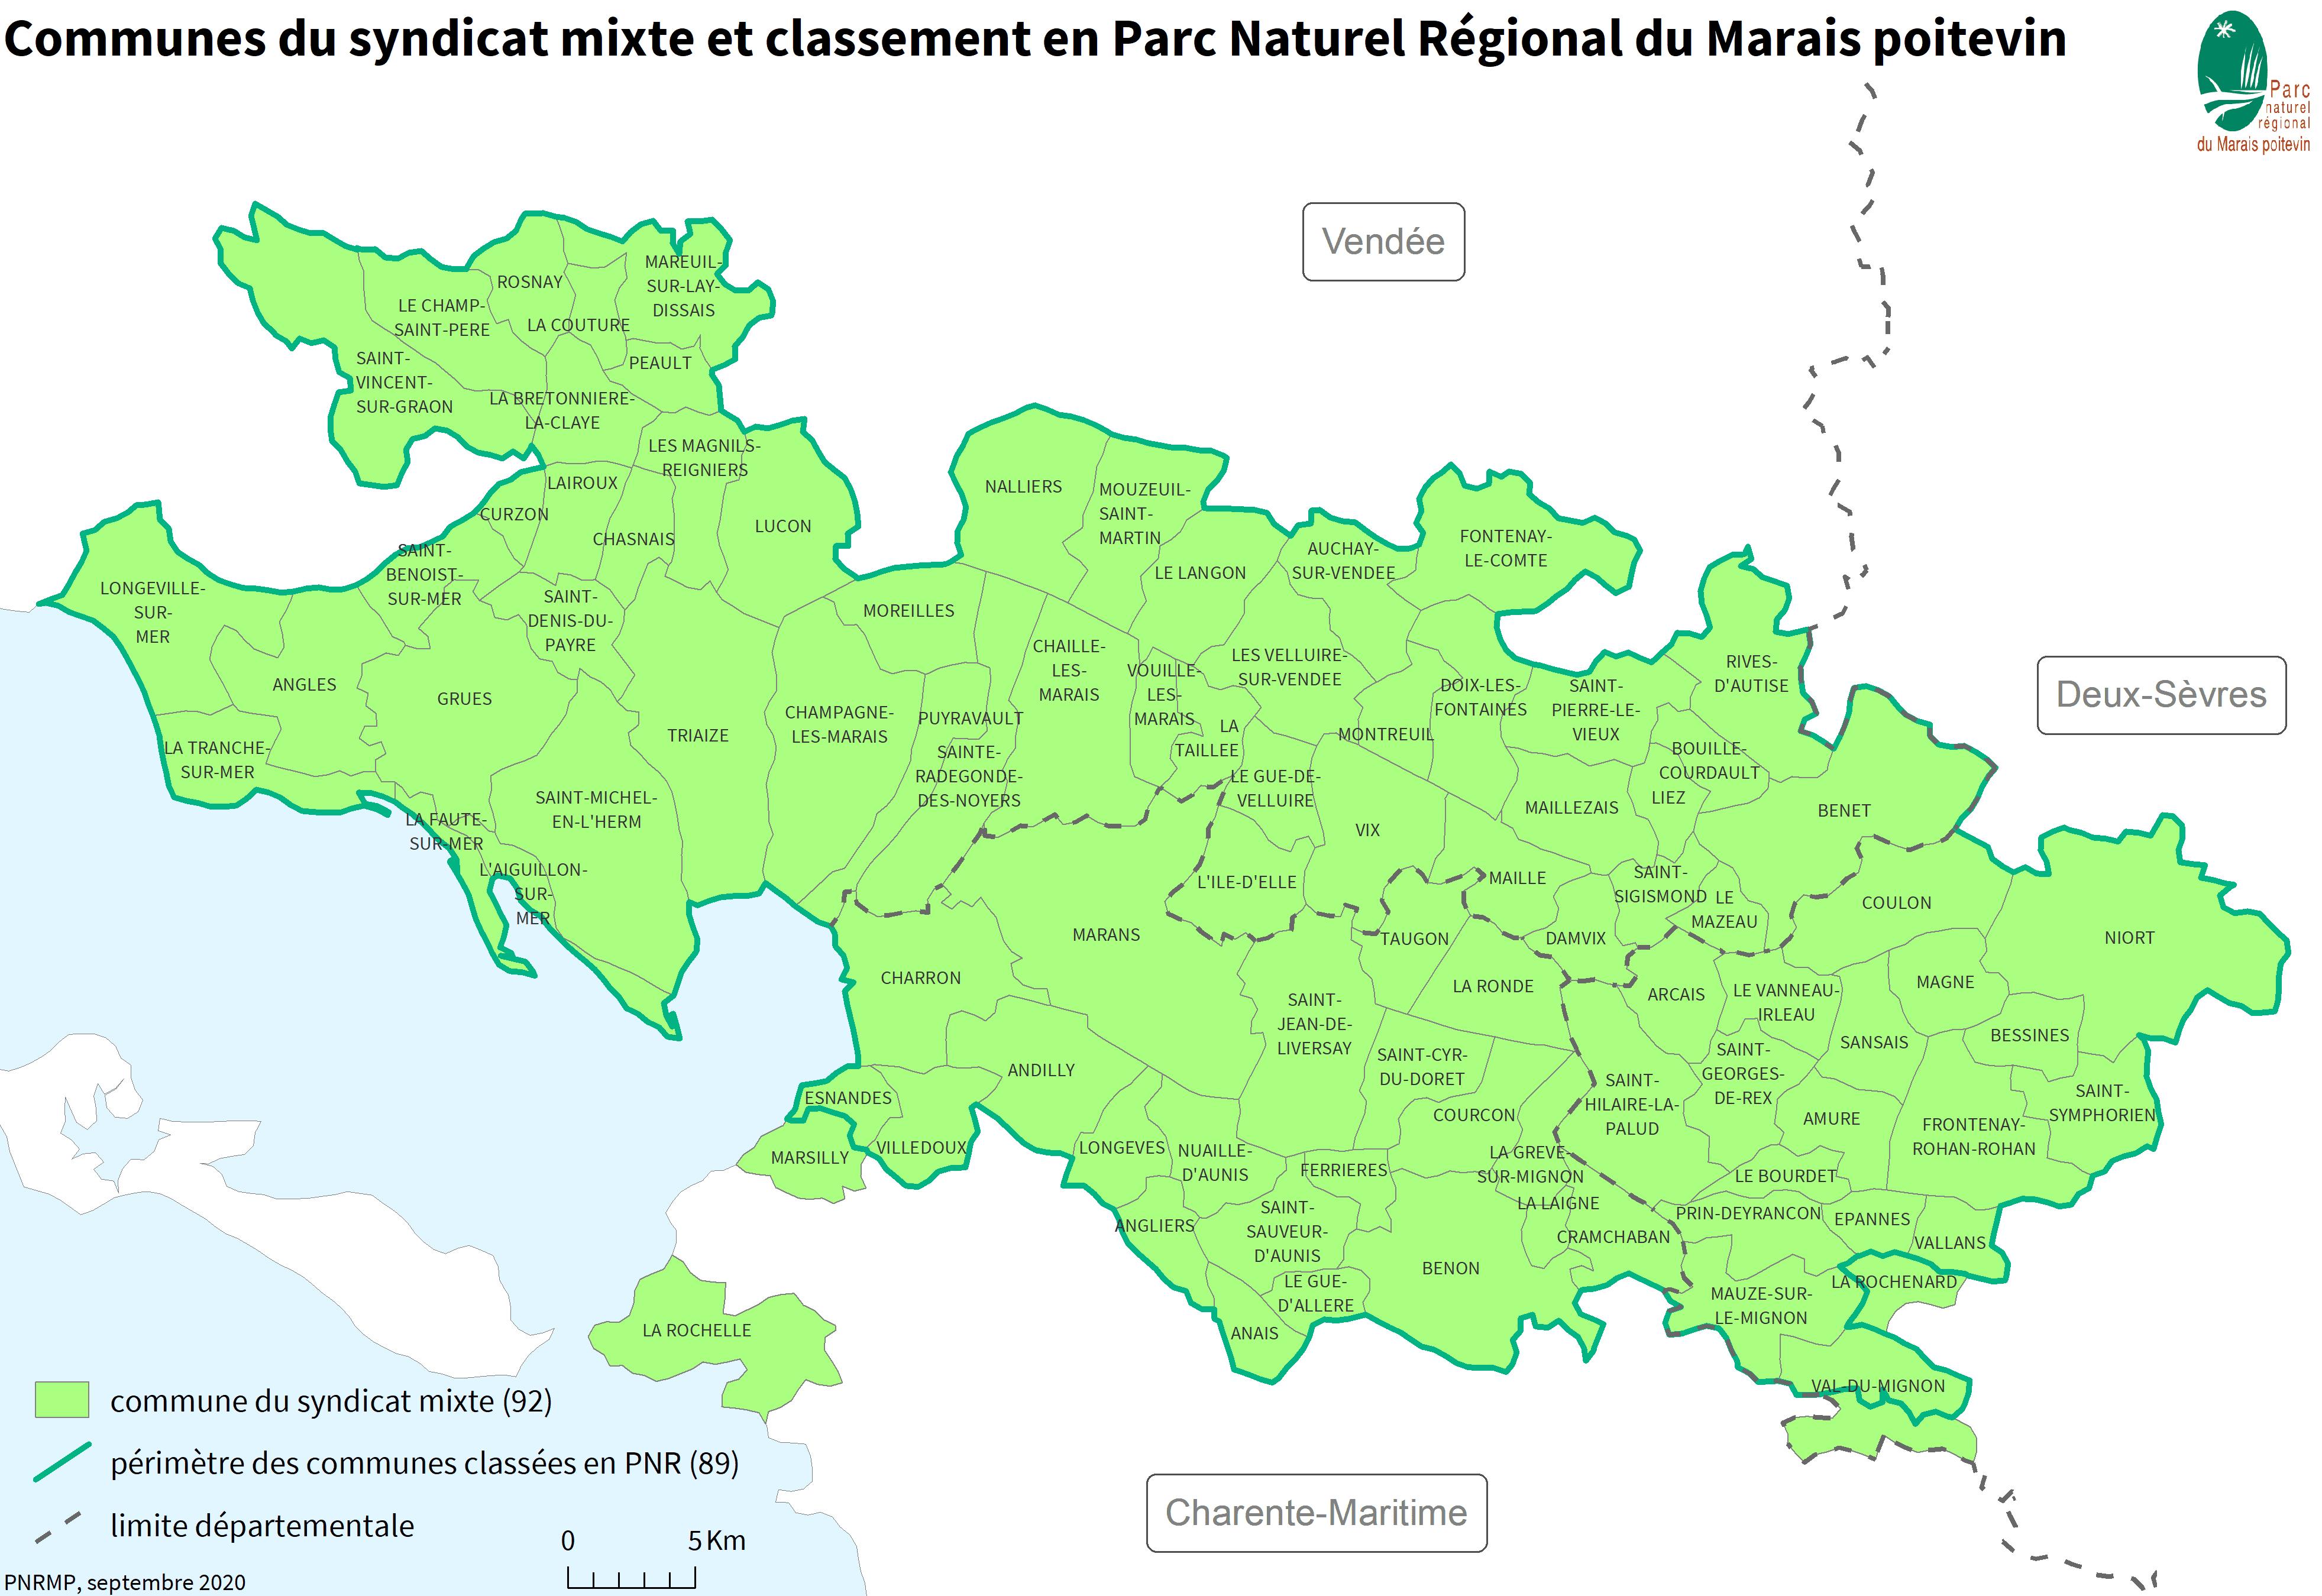 Communes du syndicat mixte et classement en PNR Marais poitevin - Septembre 2020